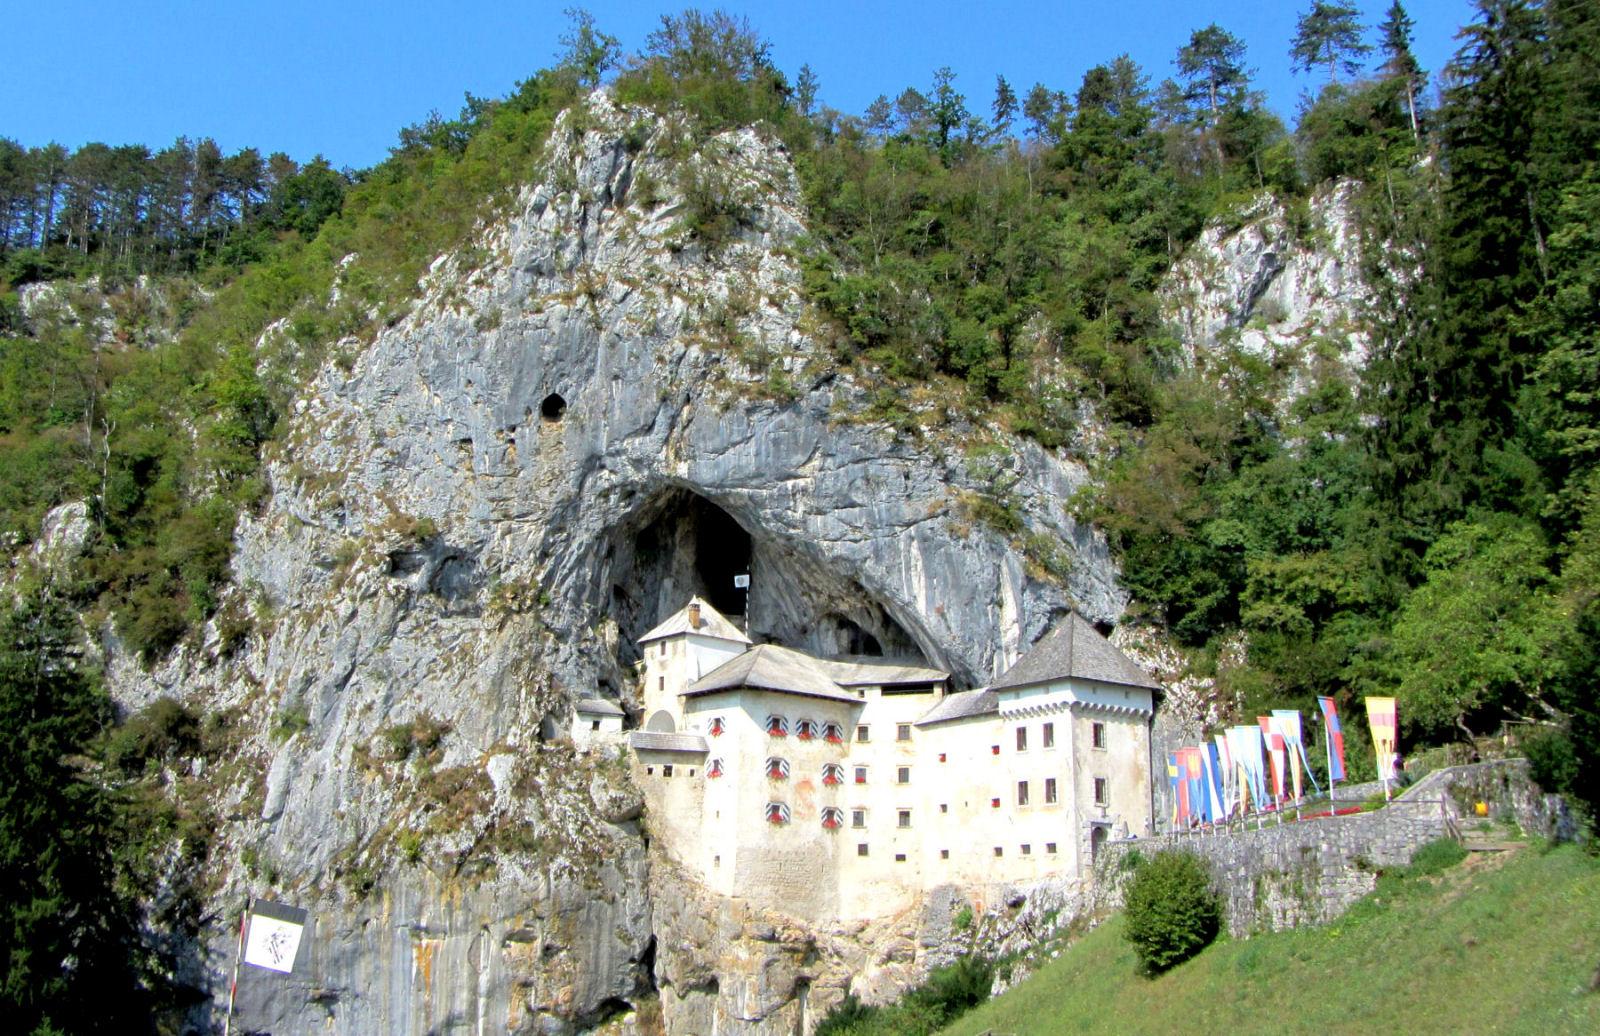 predjama-castle-slovenia-embedded-hillside